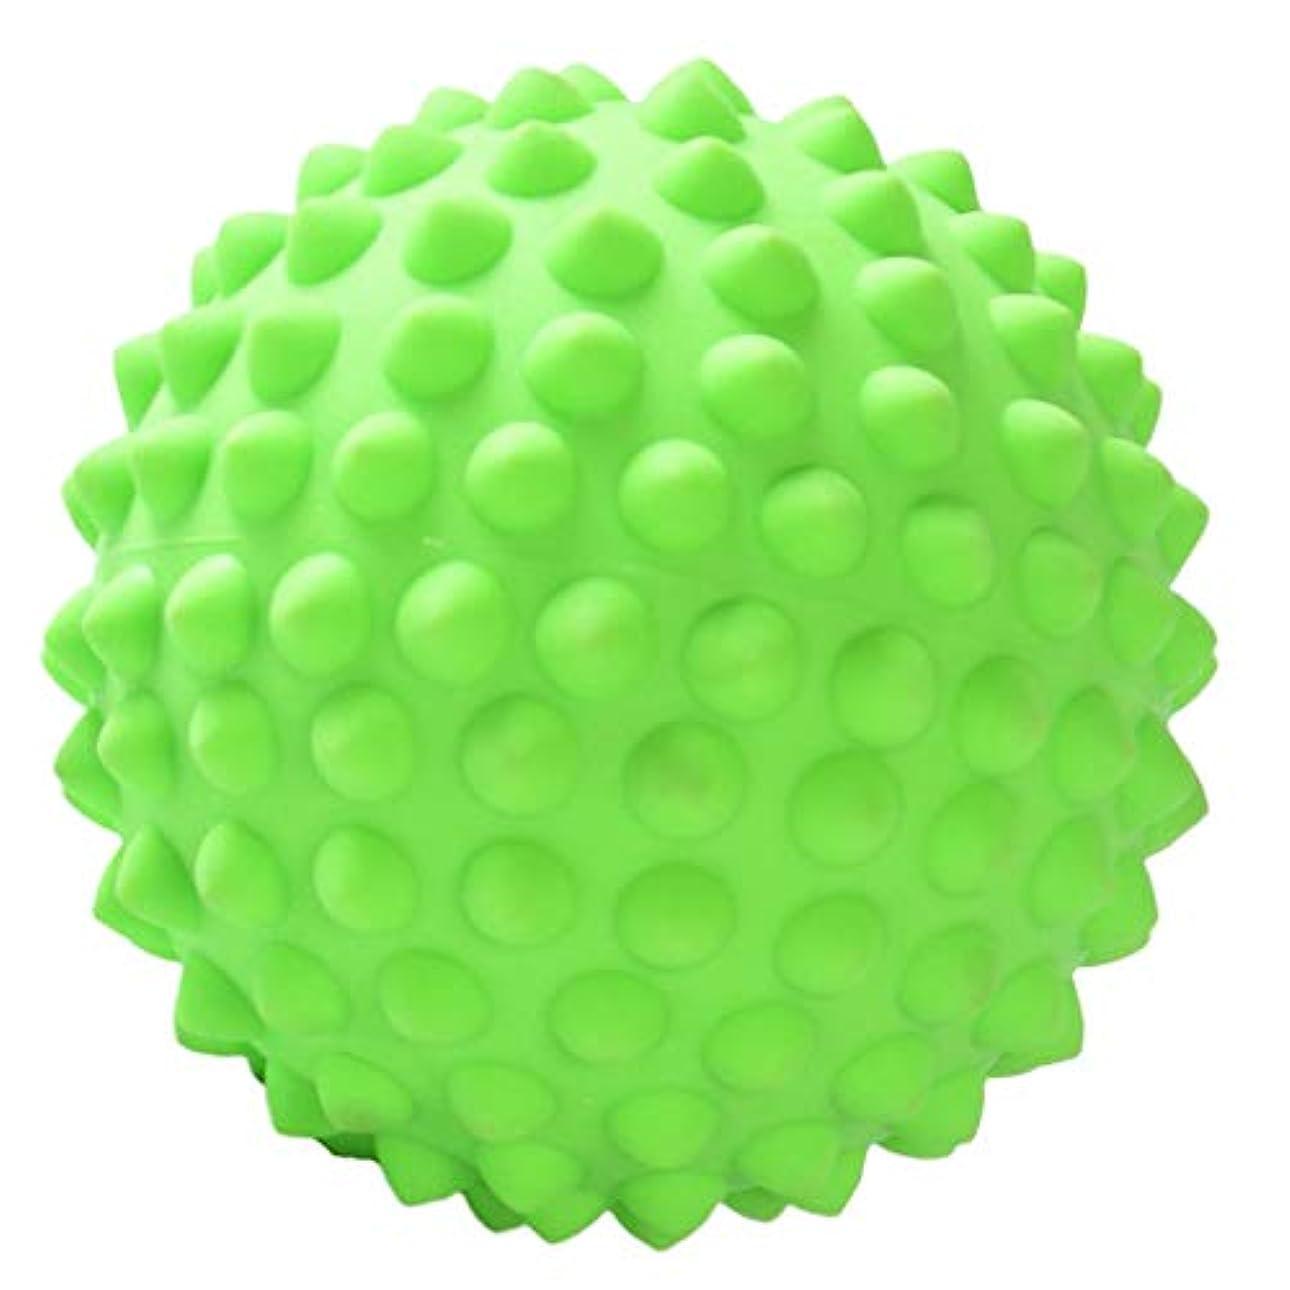 磁器雇う移民Baoblaze マッサージボール 約9 cm ツボ押し ジム オフィス 自宅用 3色選べ - 緑, 説明のとおり